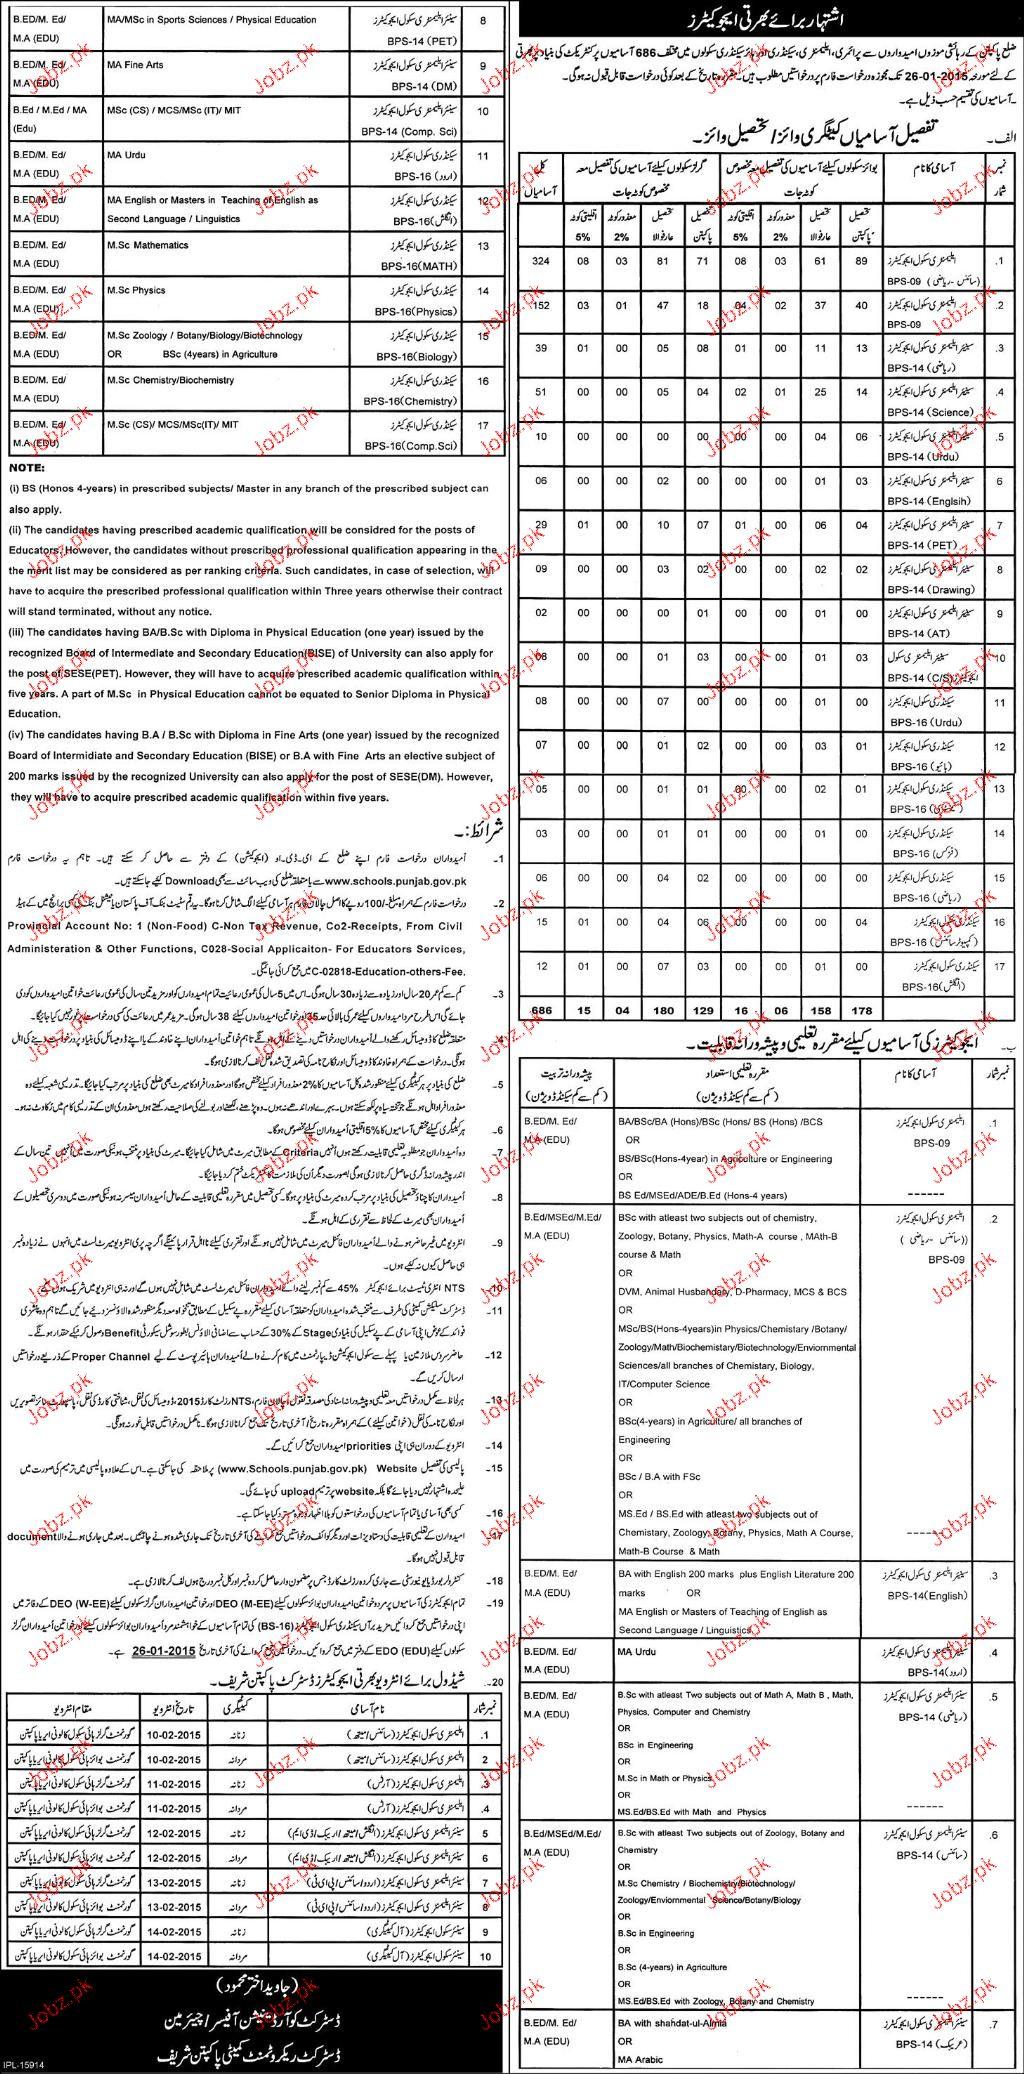 Educators Job in Punjab Education Department